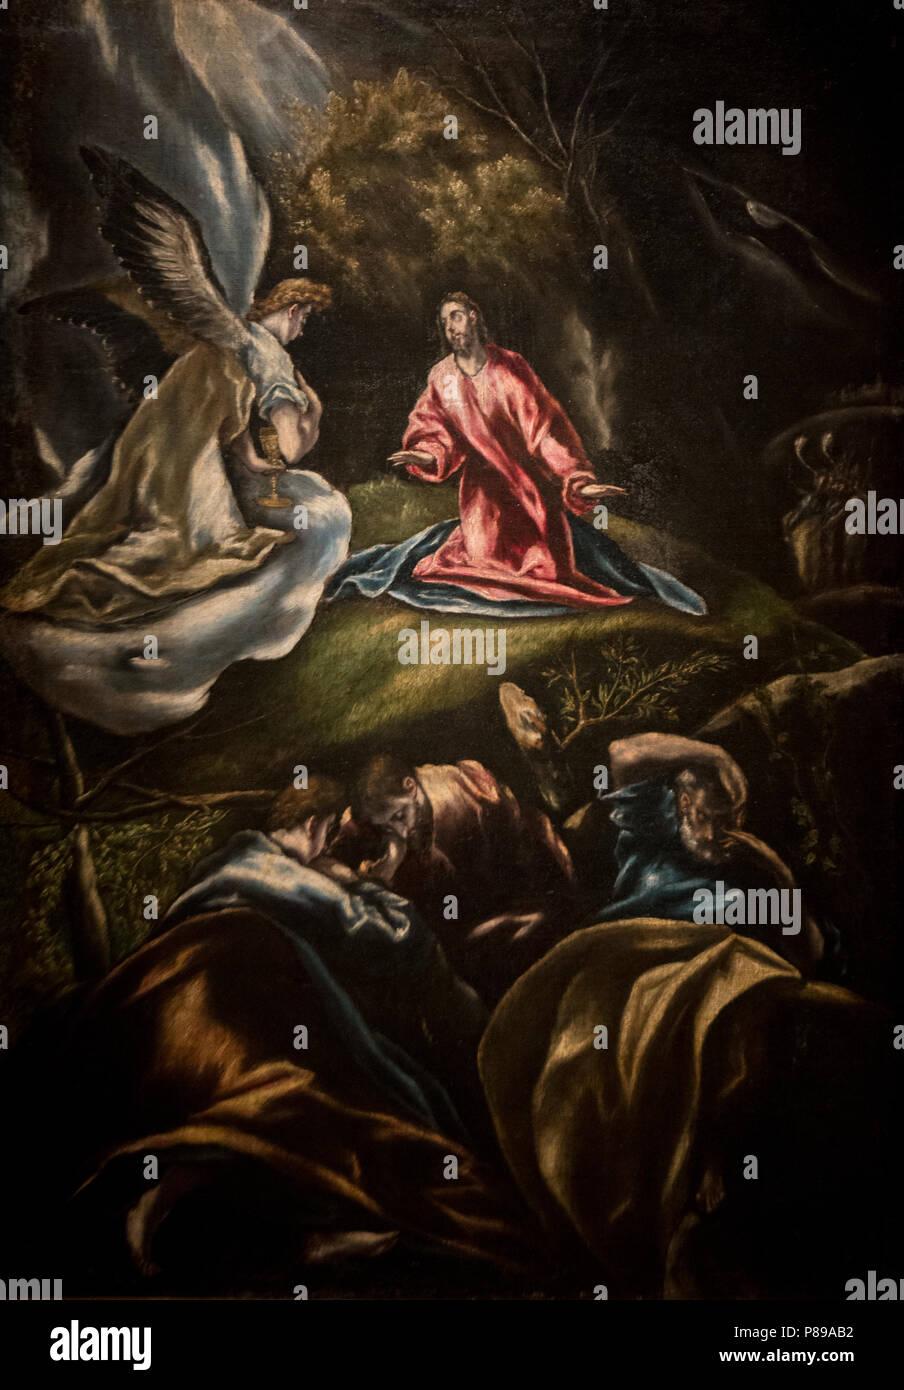 El Greco - Jesus in the Garden of Olives (Jesus en el Huerto de los Olivos) (1600-1607).jpg - Stock Image